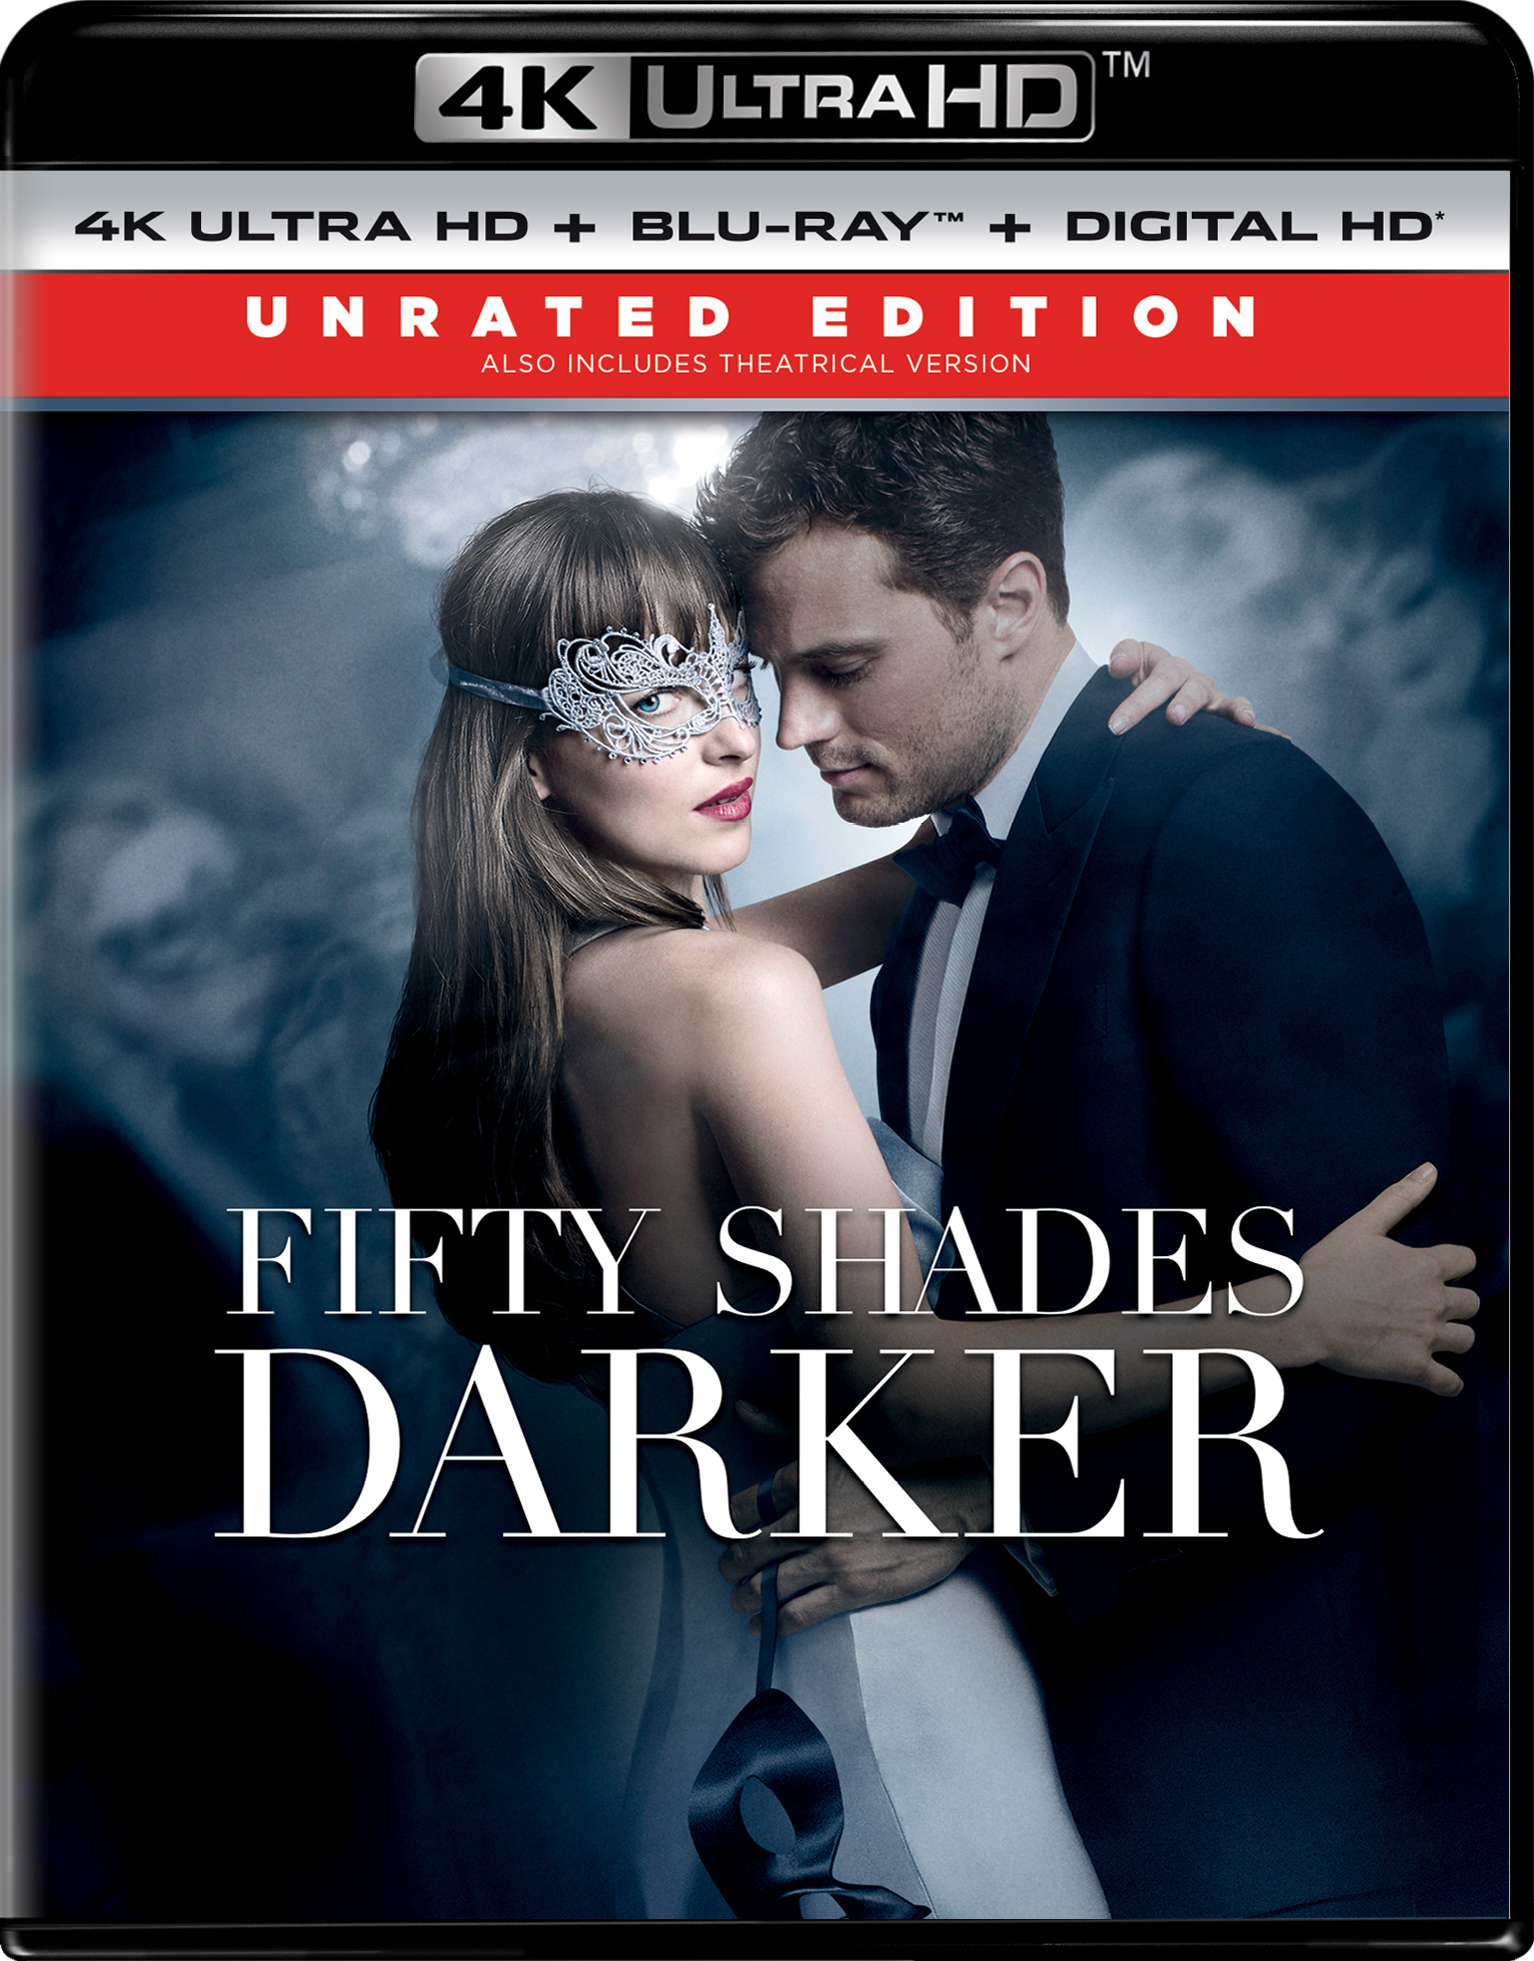 #FiftyShadesDarker: Your New Favourite Sexy Movie Playlist